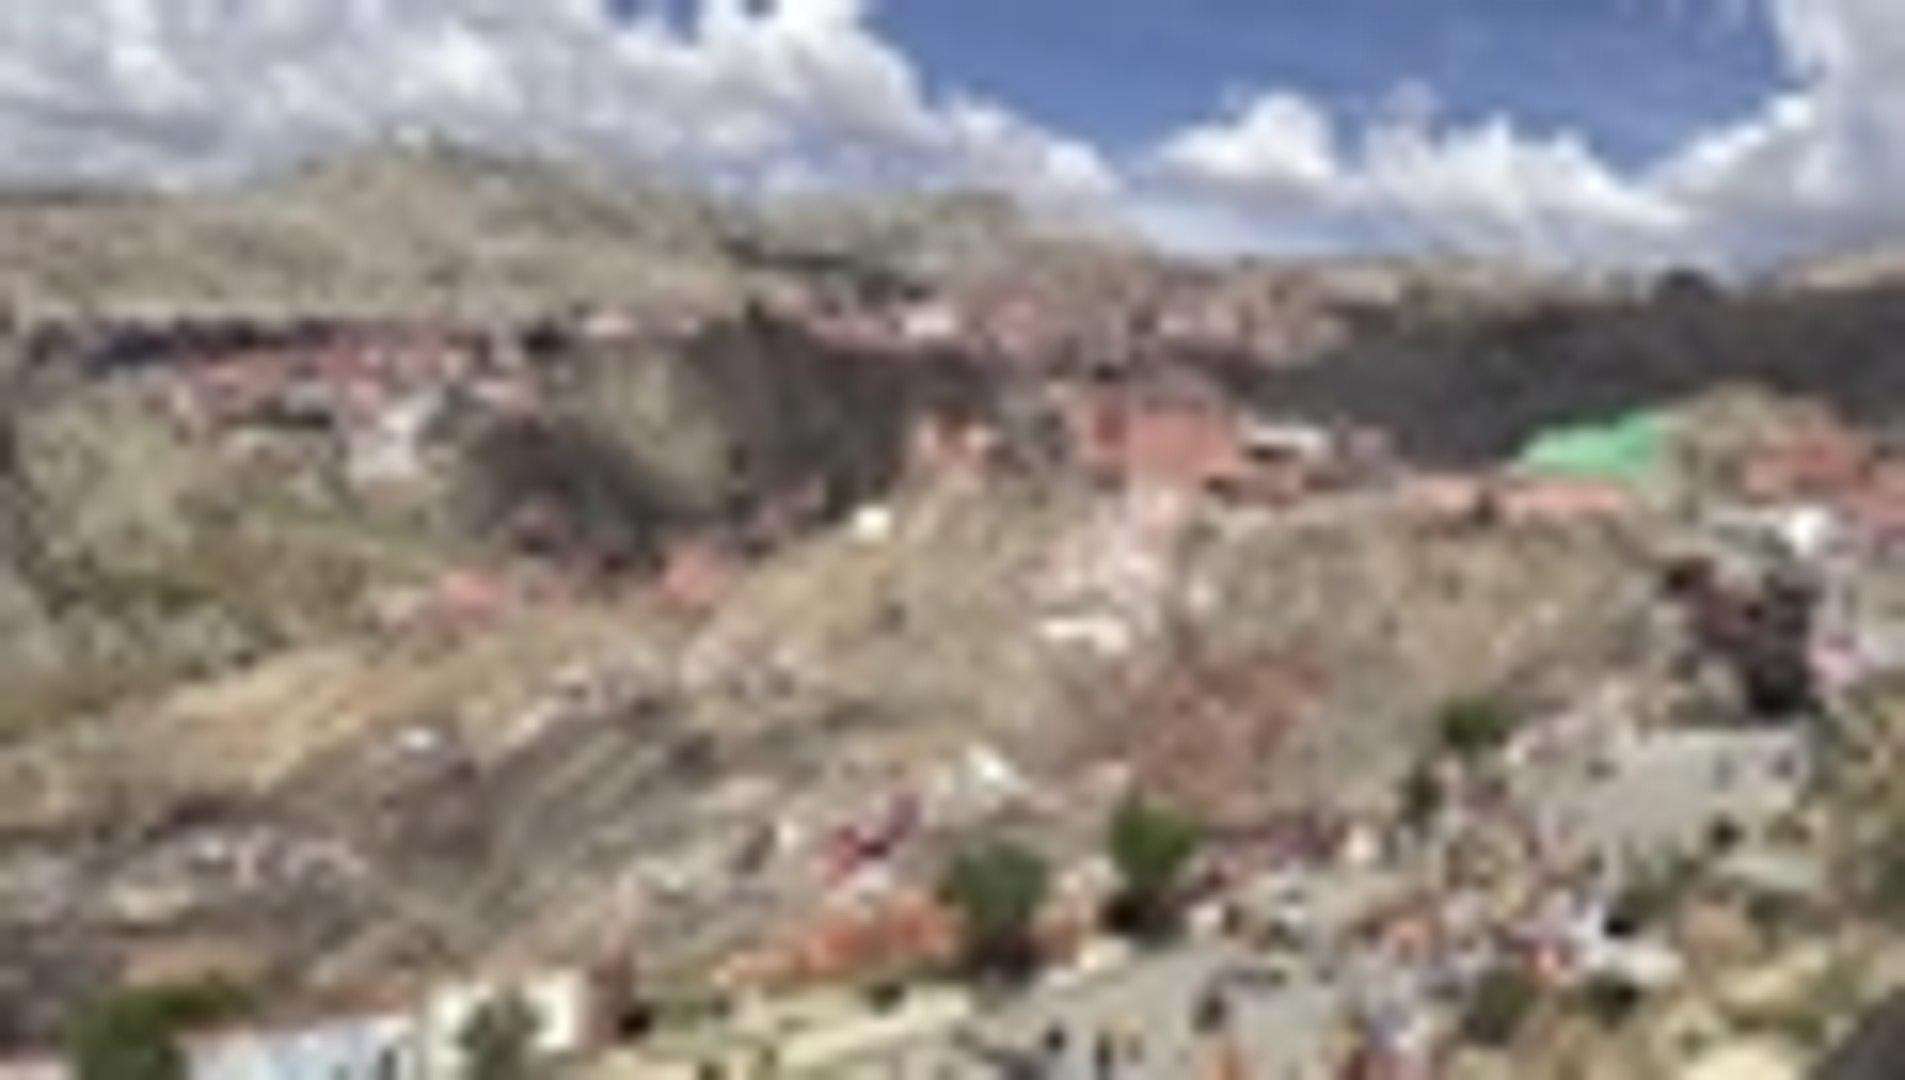 Video: derrumbe deja m√°s de 400 damnificados y casas destruidas en La Paz, Bolivia